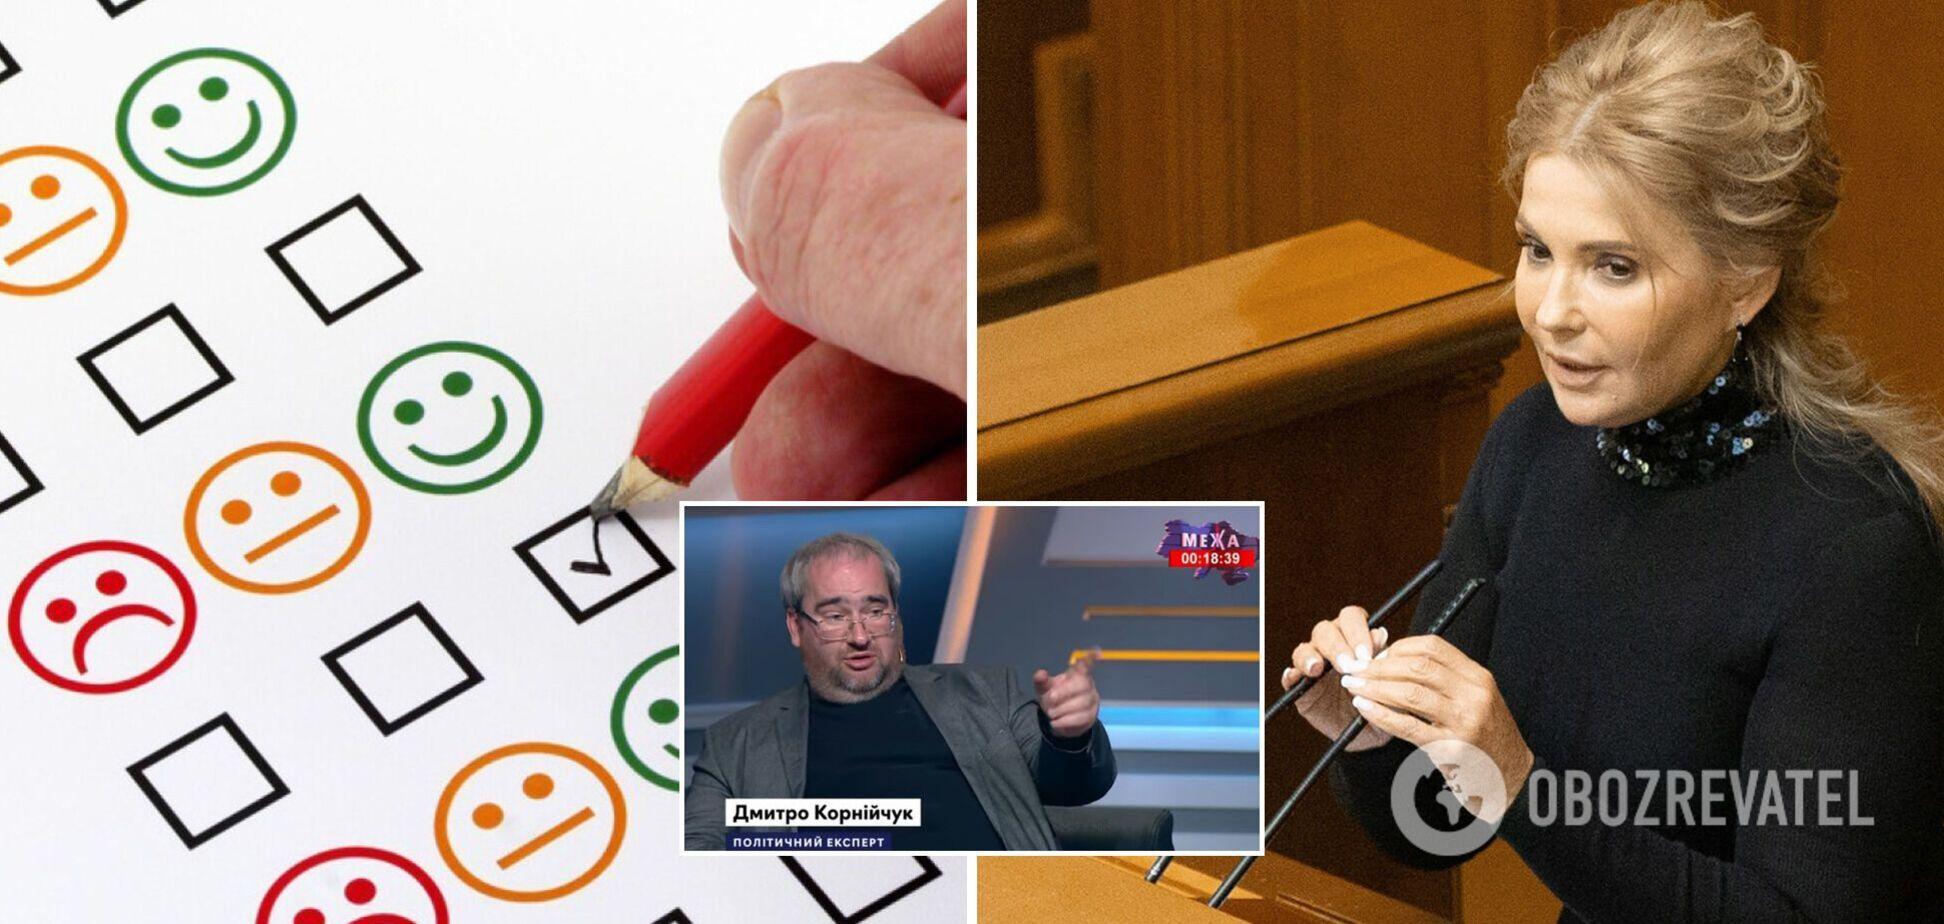 Эксперт пояснил, что повлияло на рост поддержки Тимошенко